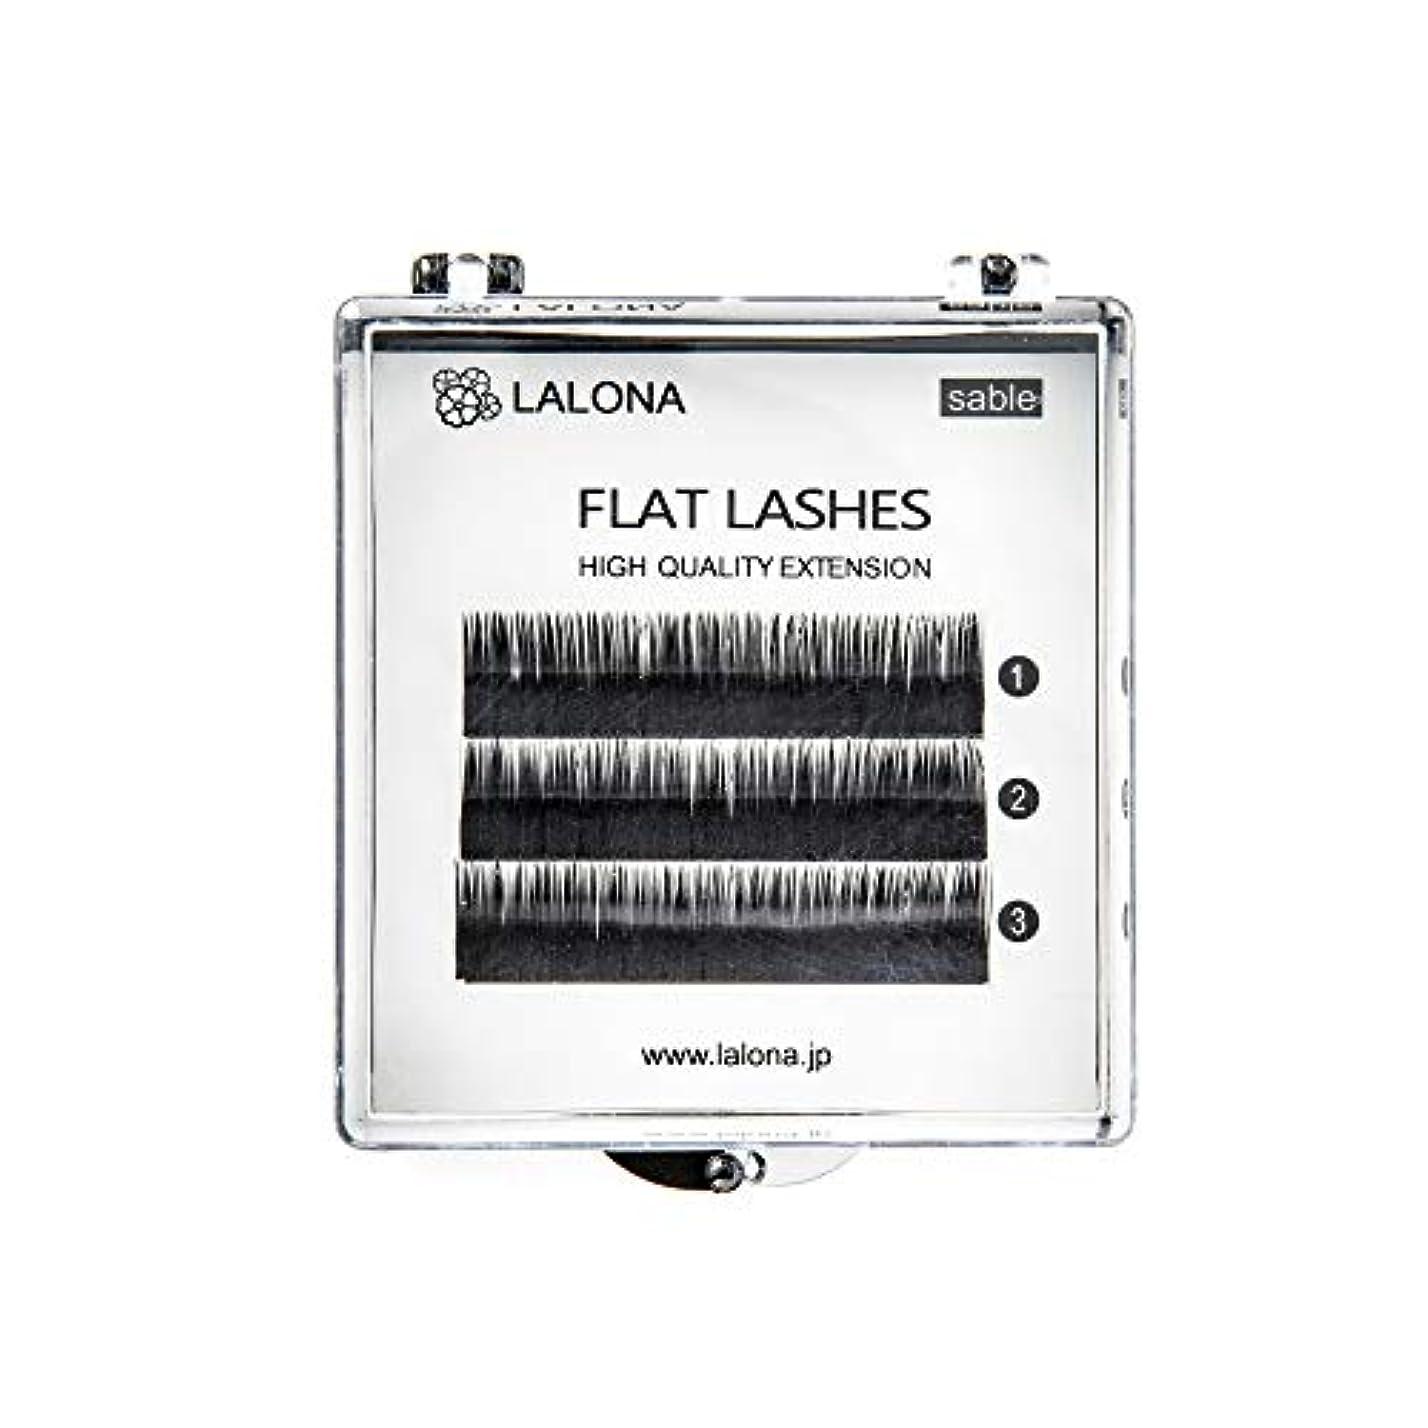 扱うファイル最近LALONA [ ラローナ ] フラットラッシュ (BLK) (3列) まつげエクステ 平面加工 Lディテール ブラック (Jカール 0.1 / 10mm)